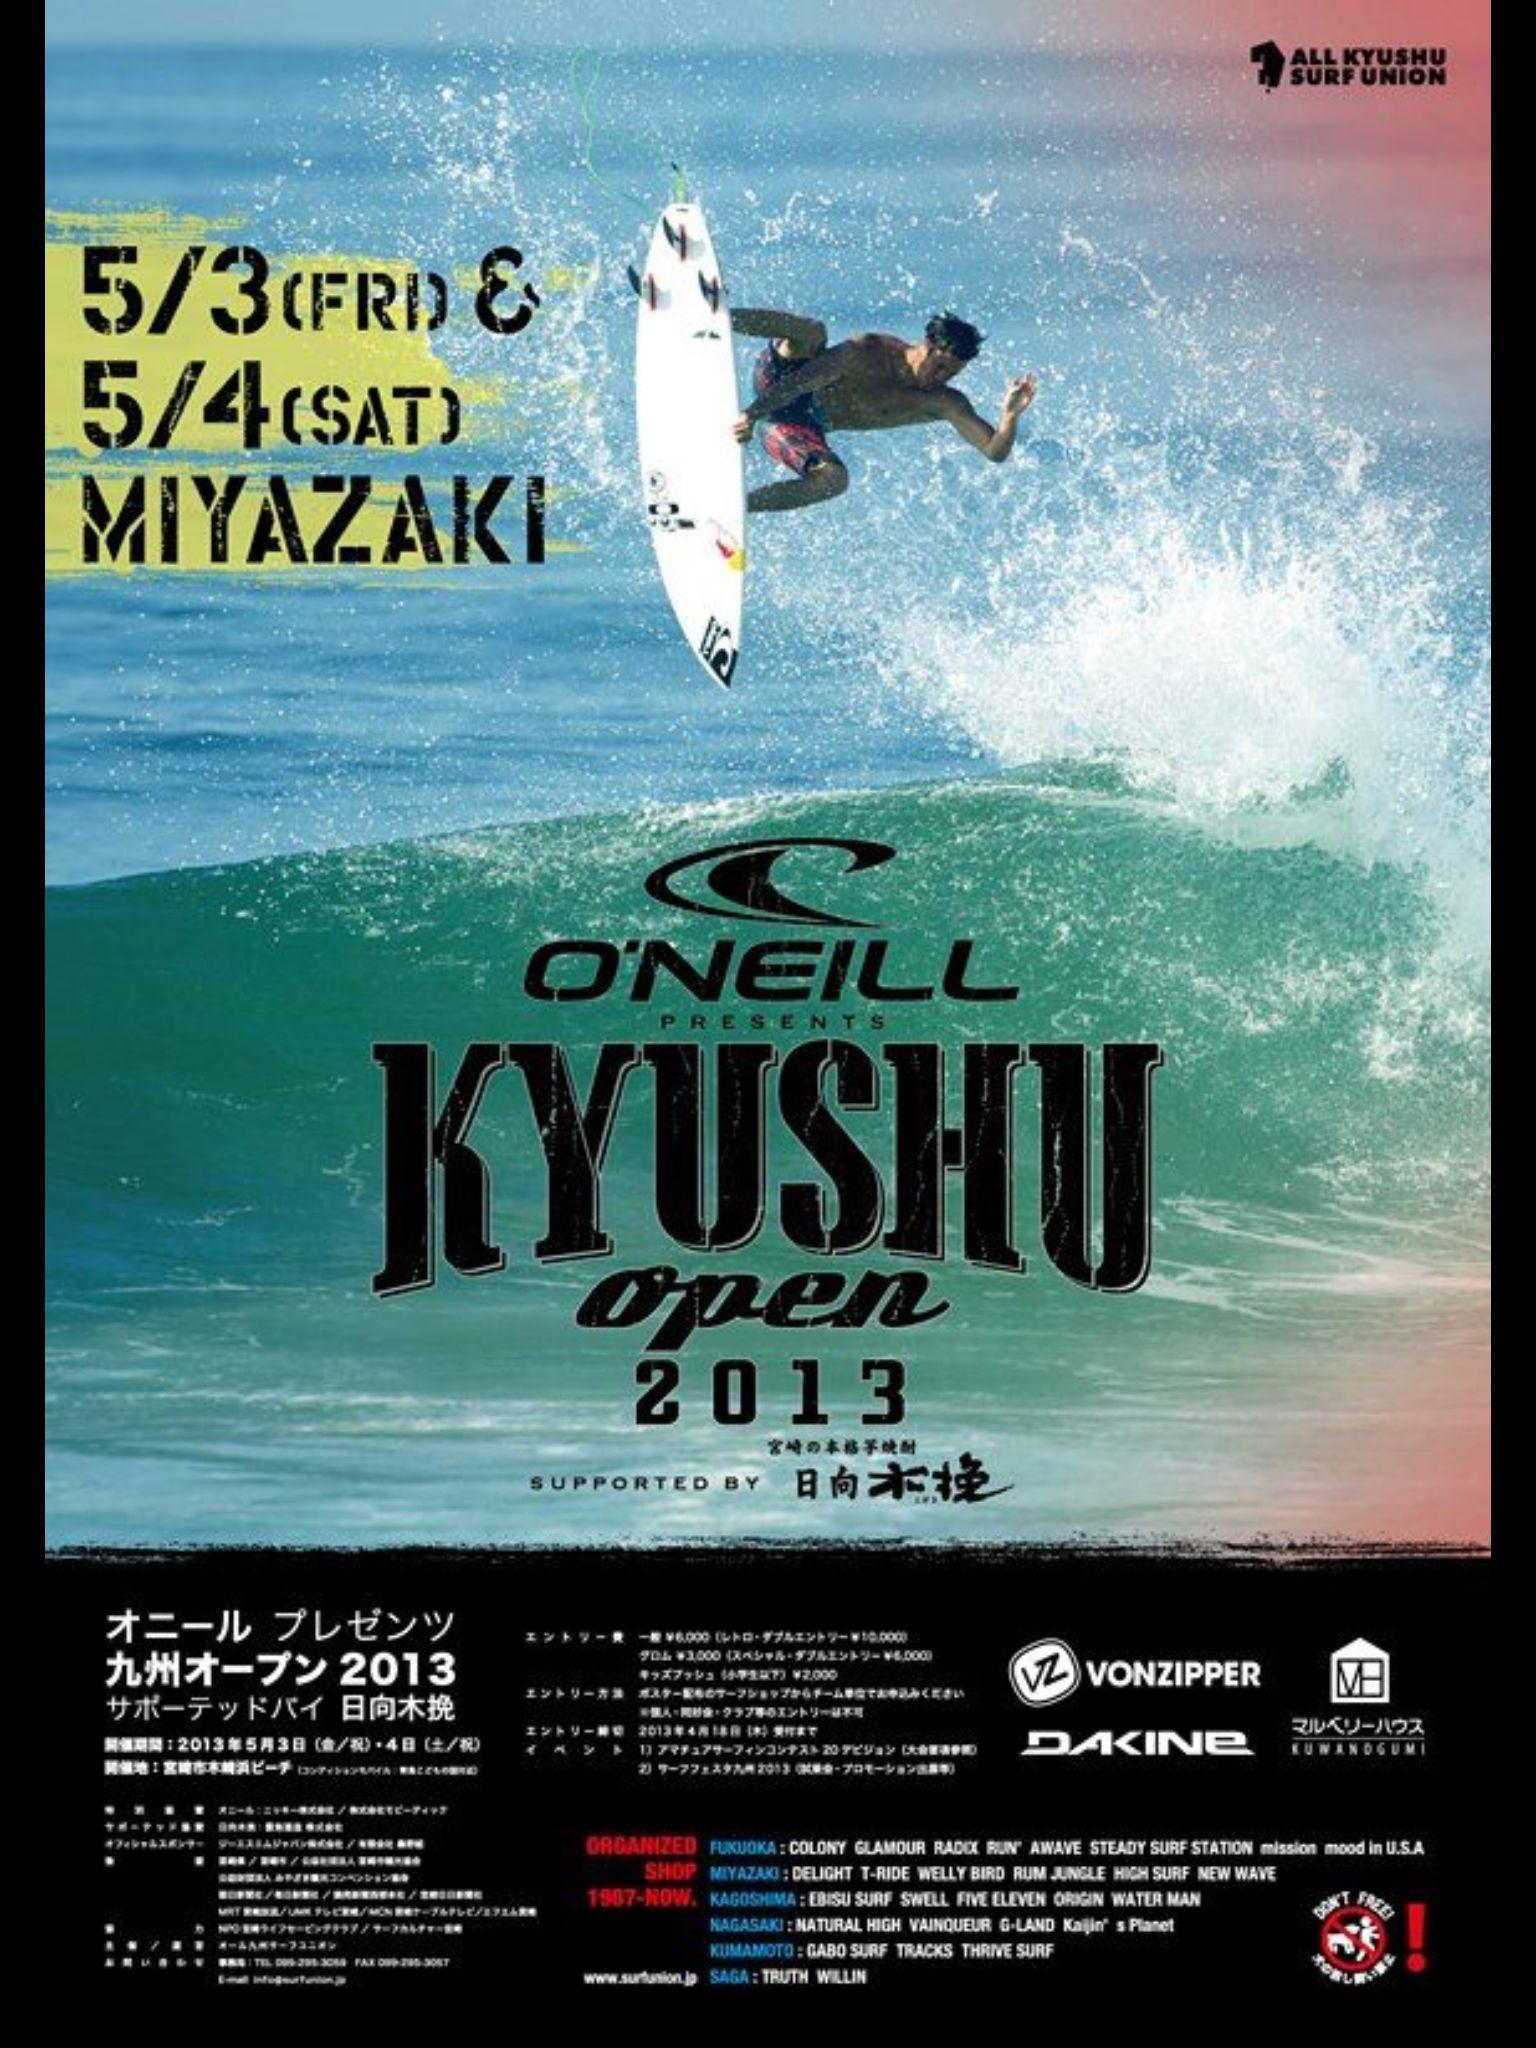 KYUSHU Open 2013.05.03〜05.04